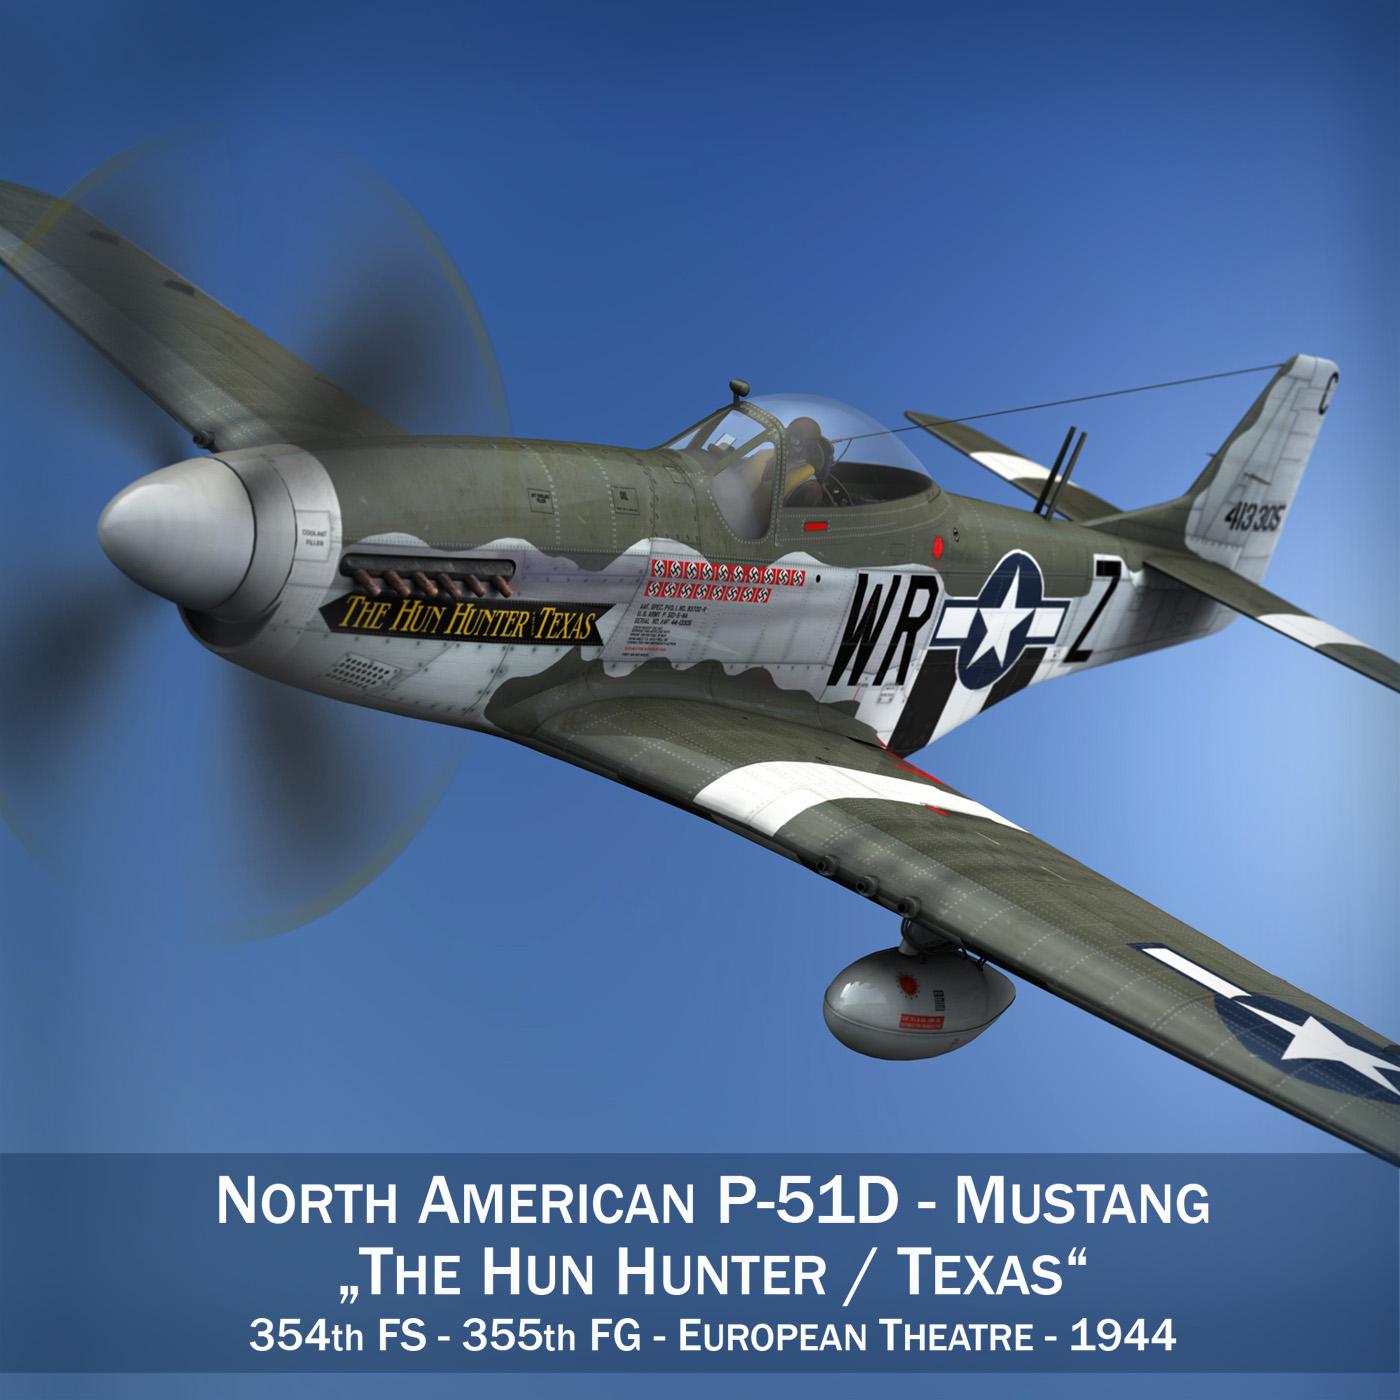 North American P-51D - The Hun Hunter / Texas 3d model fbx c4d lwo lws lw obj 282525